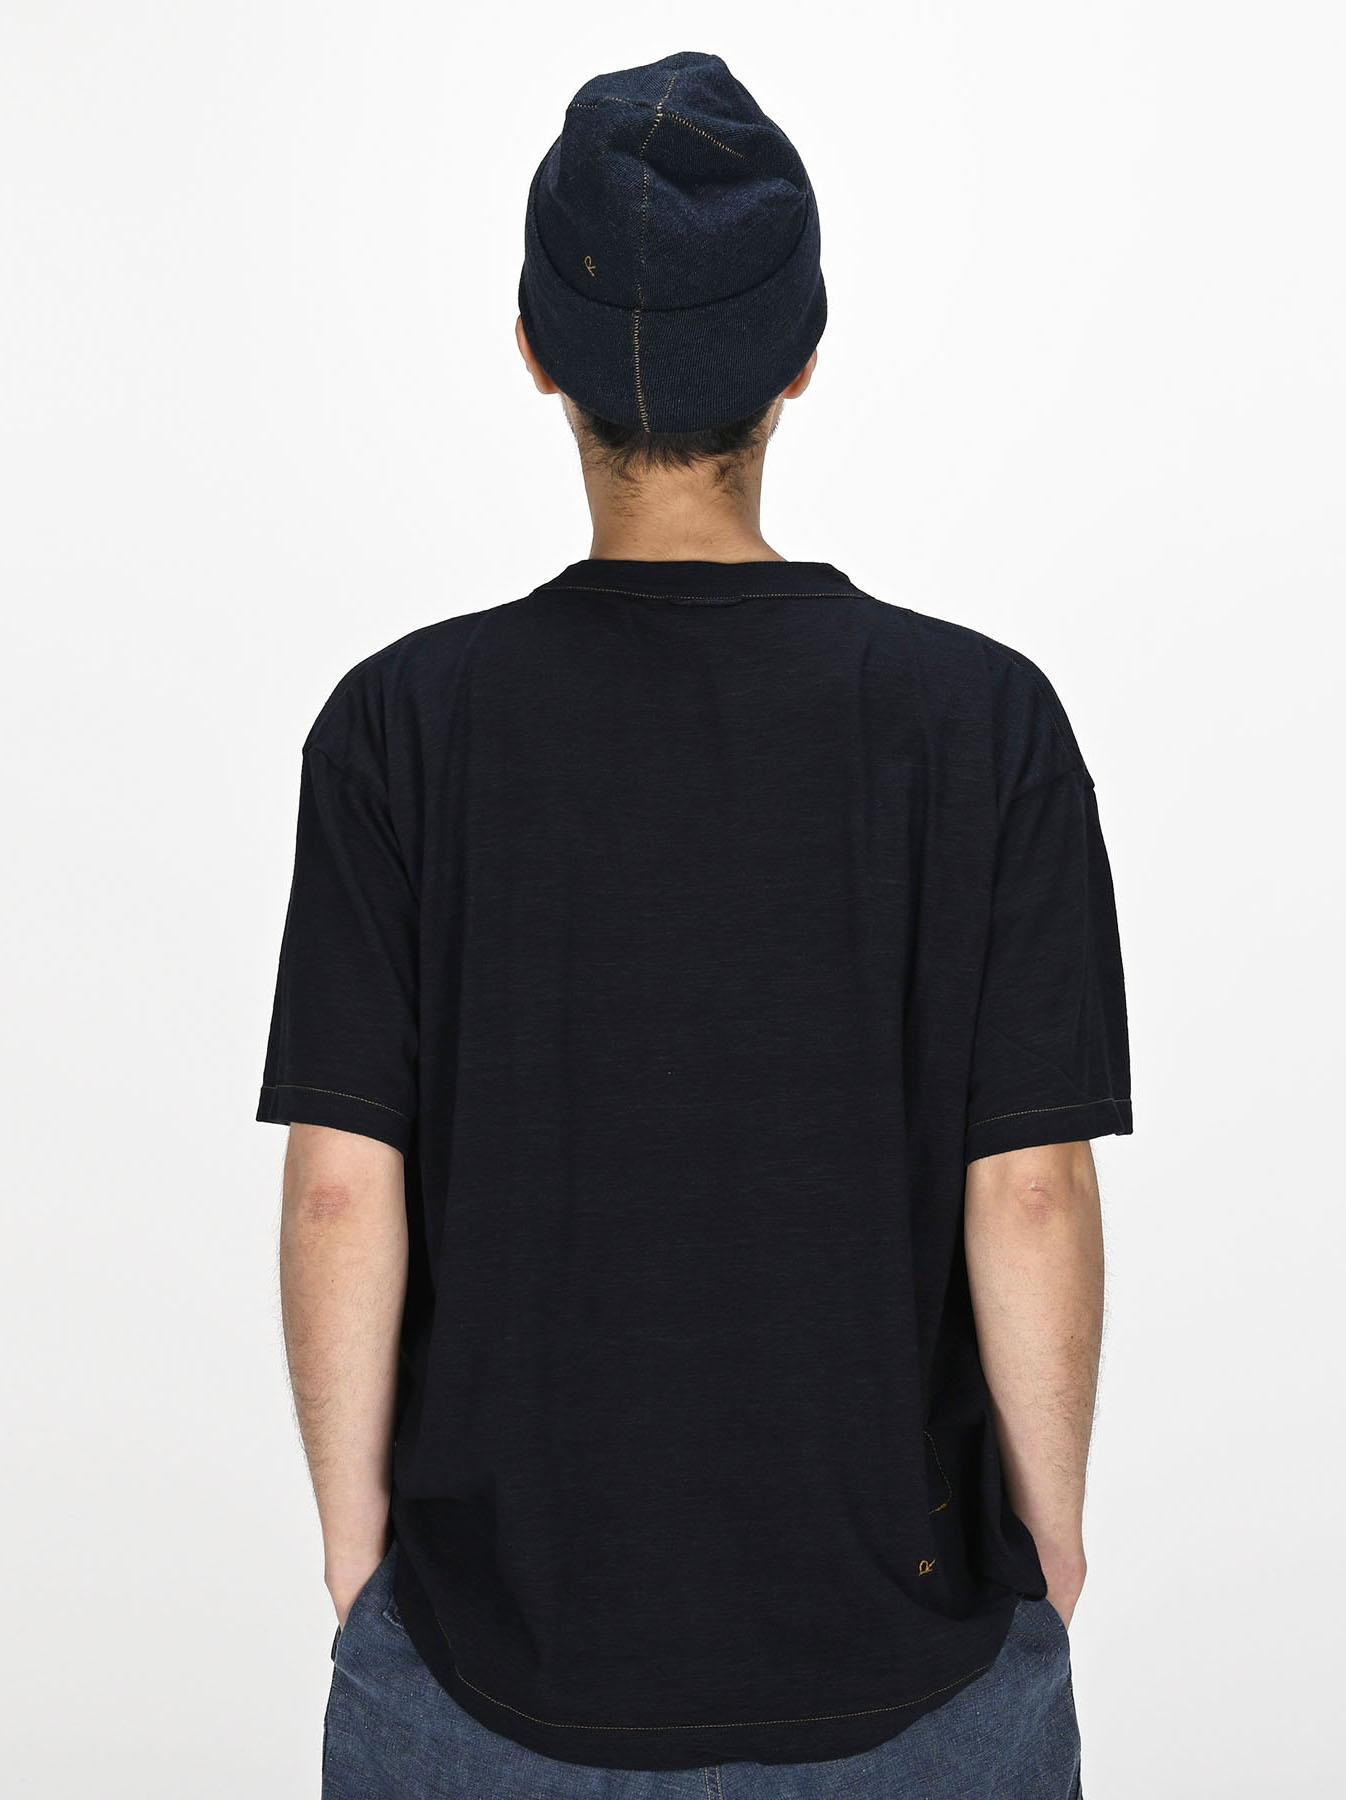 Indigo Sumite de Chicken T-shirt-4